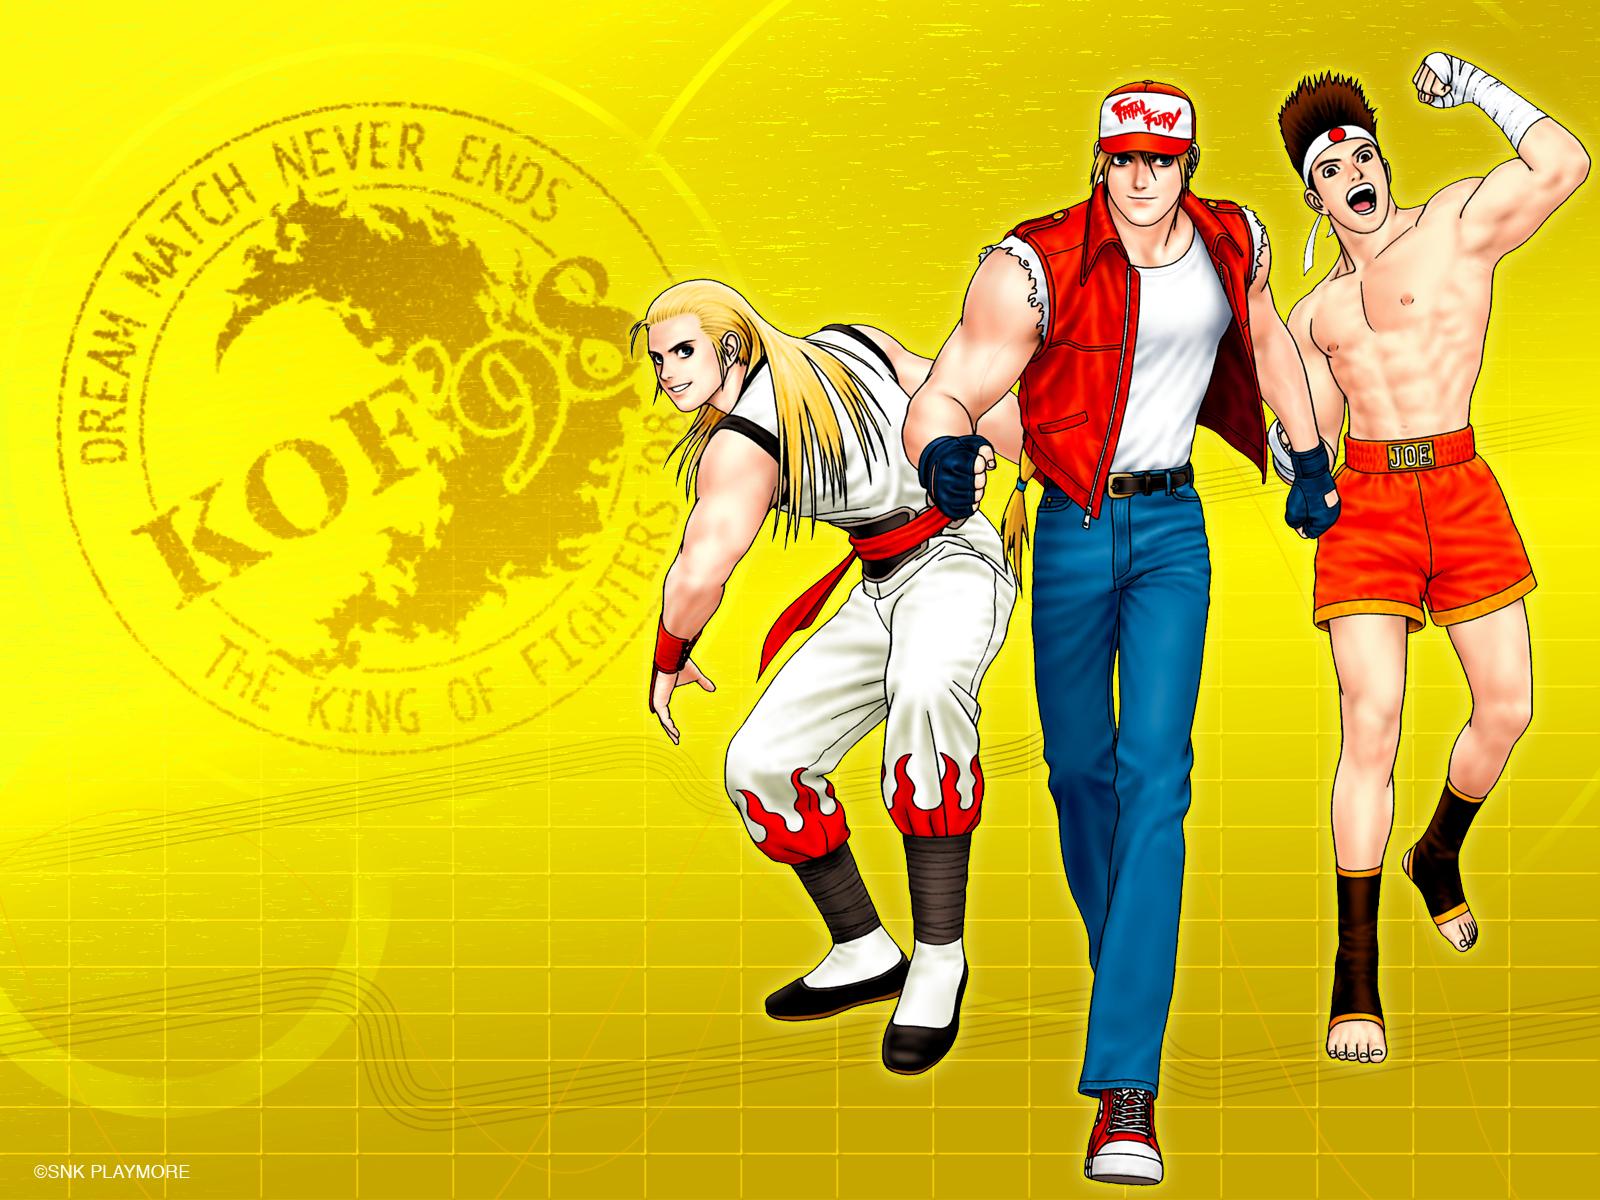 King Of Fighters Wallpaper 899976 Zerochan Anime Image Board